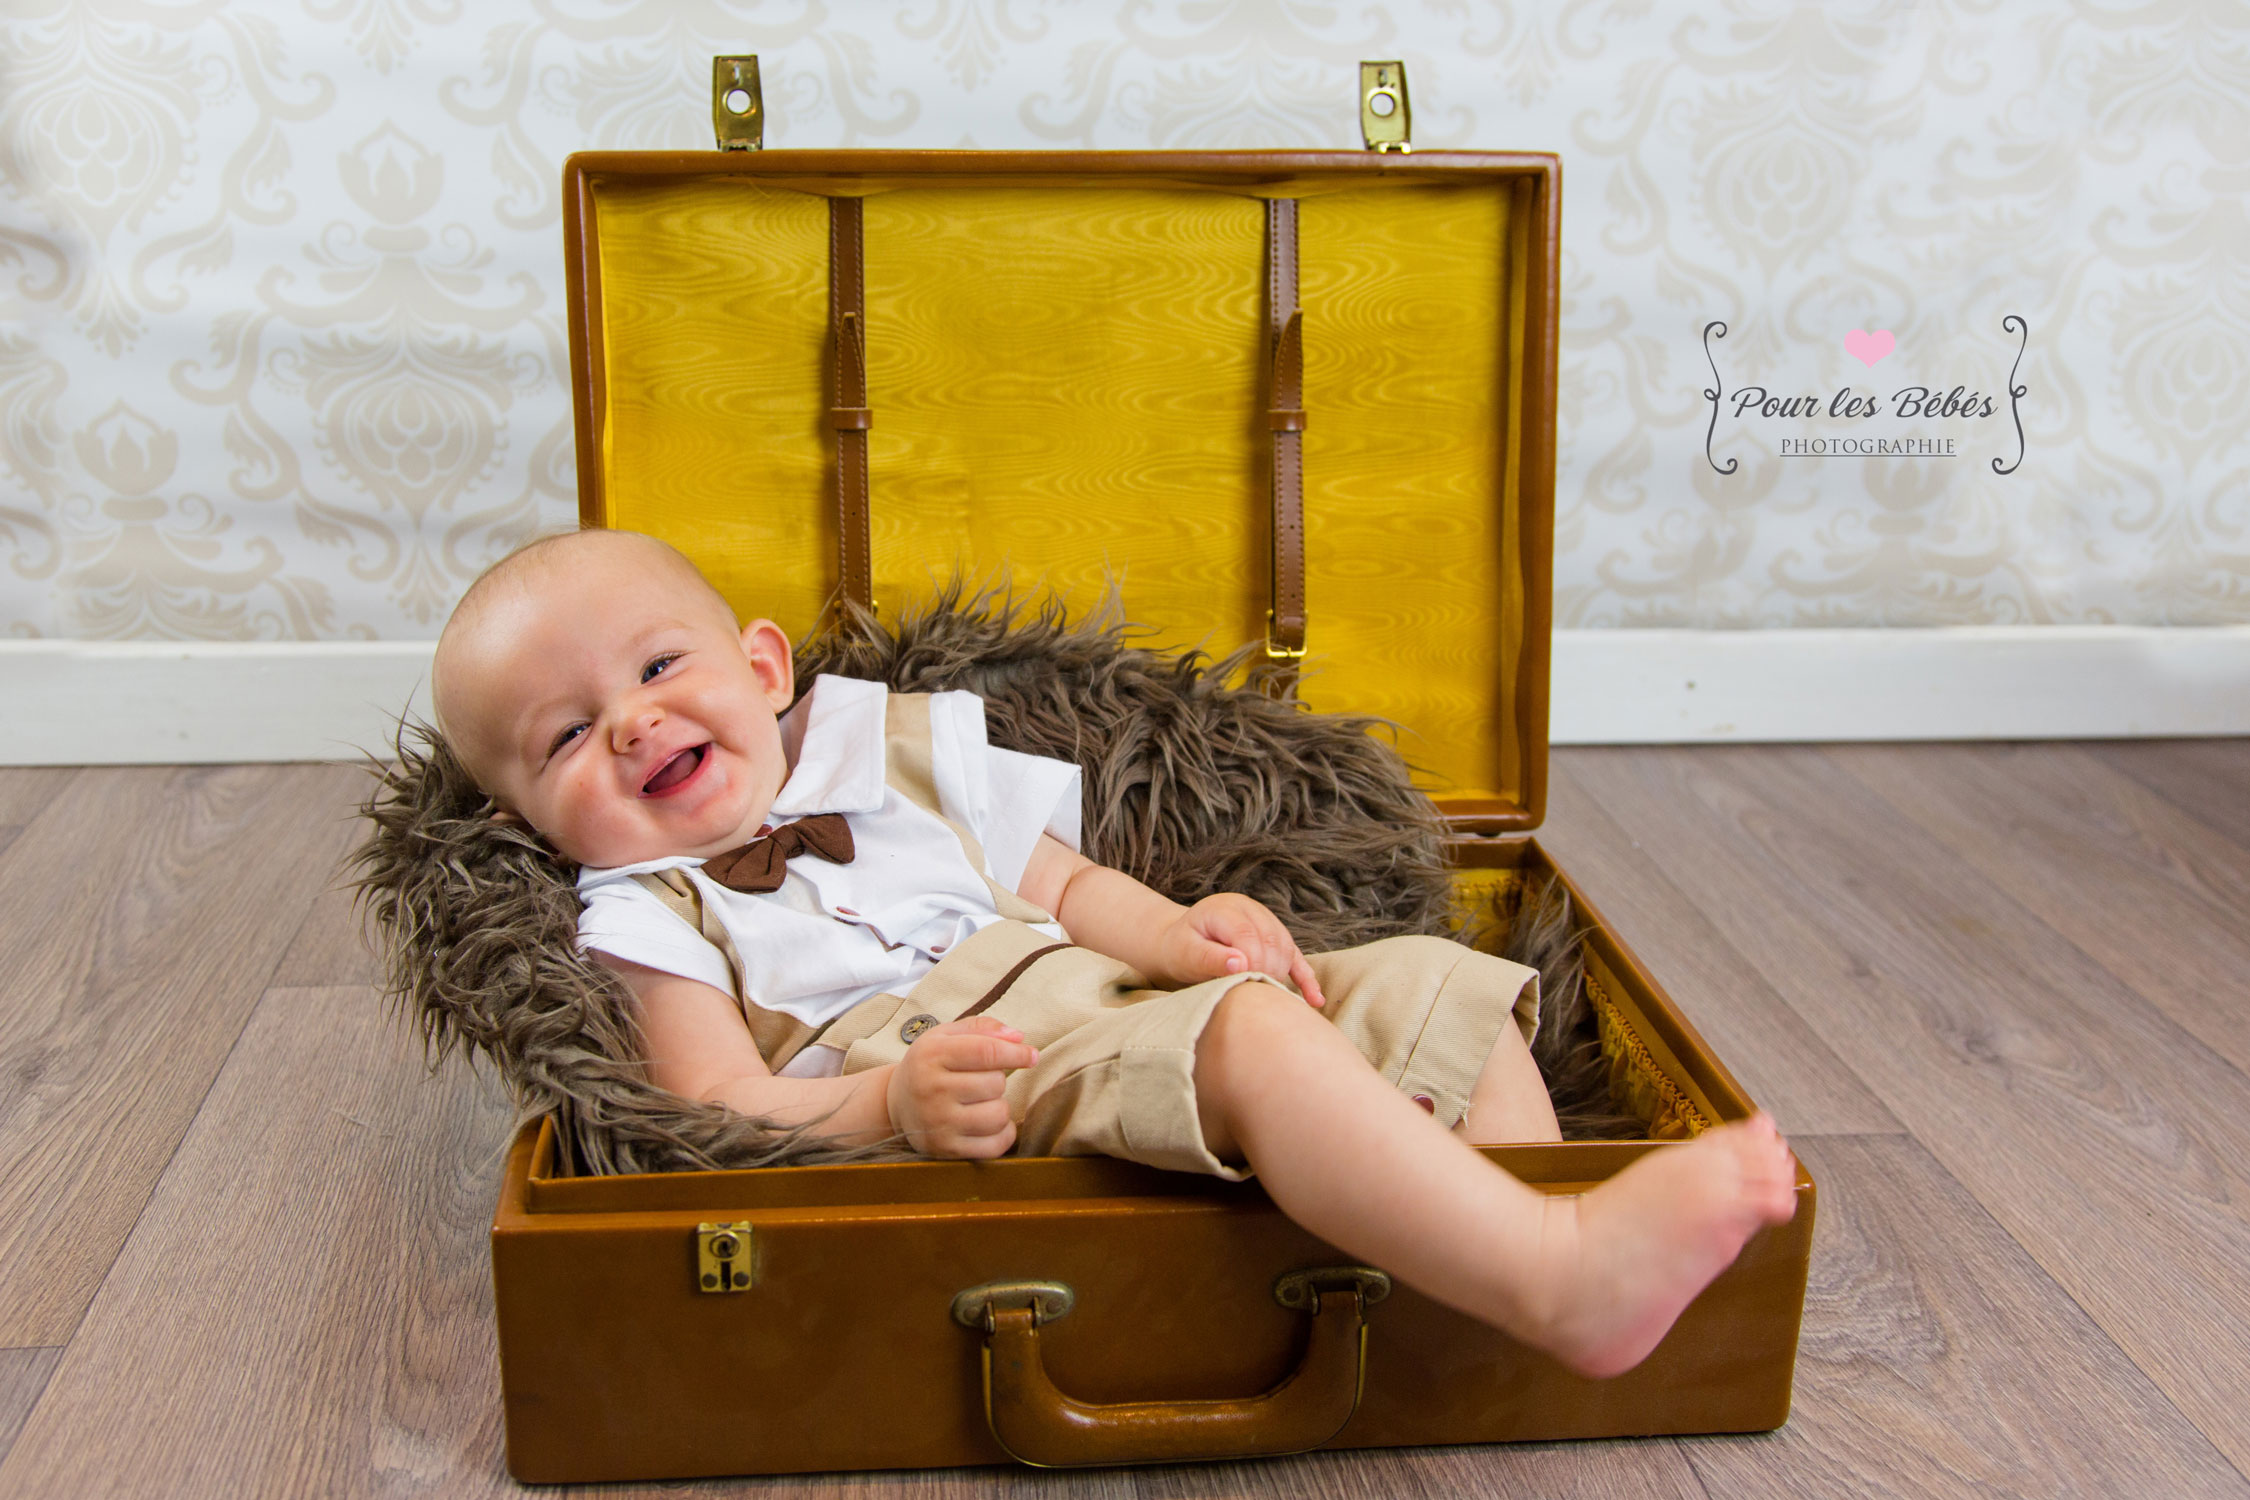 photographe-studio-nouveau-né-famille-enfance-bébé-nourrisson-grossesse-montpellier-nimes-lunel-mauguio-sommières-